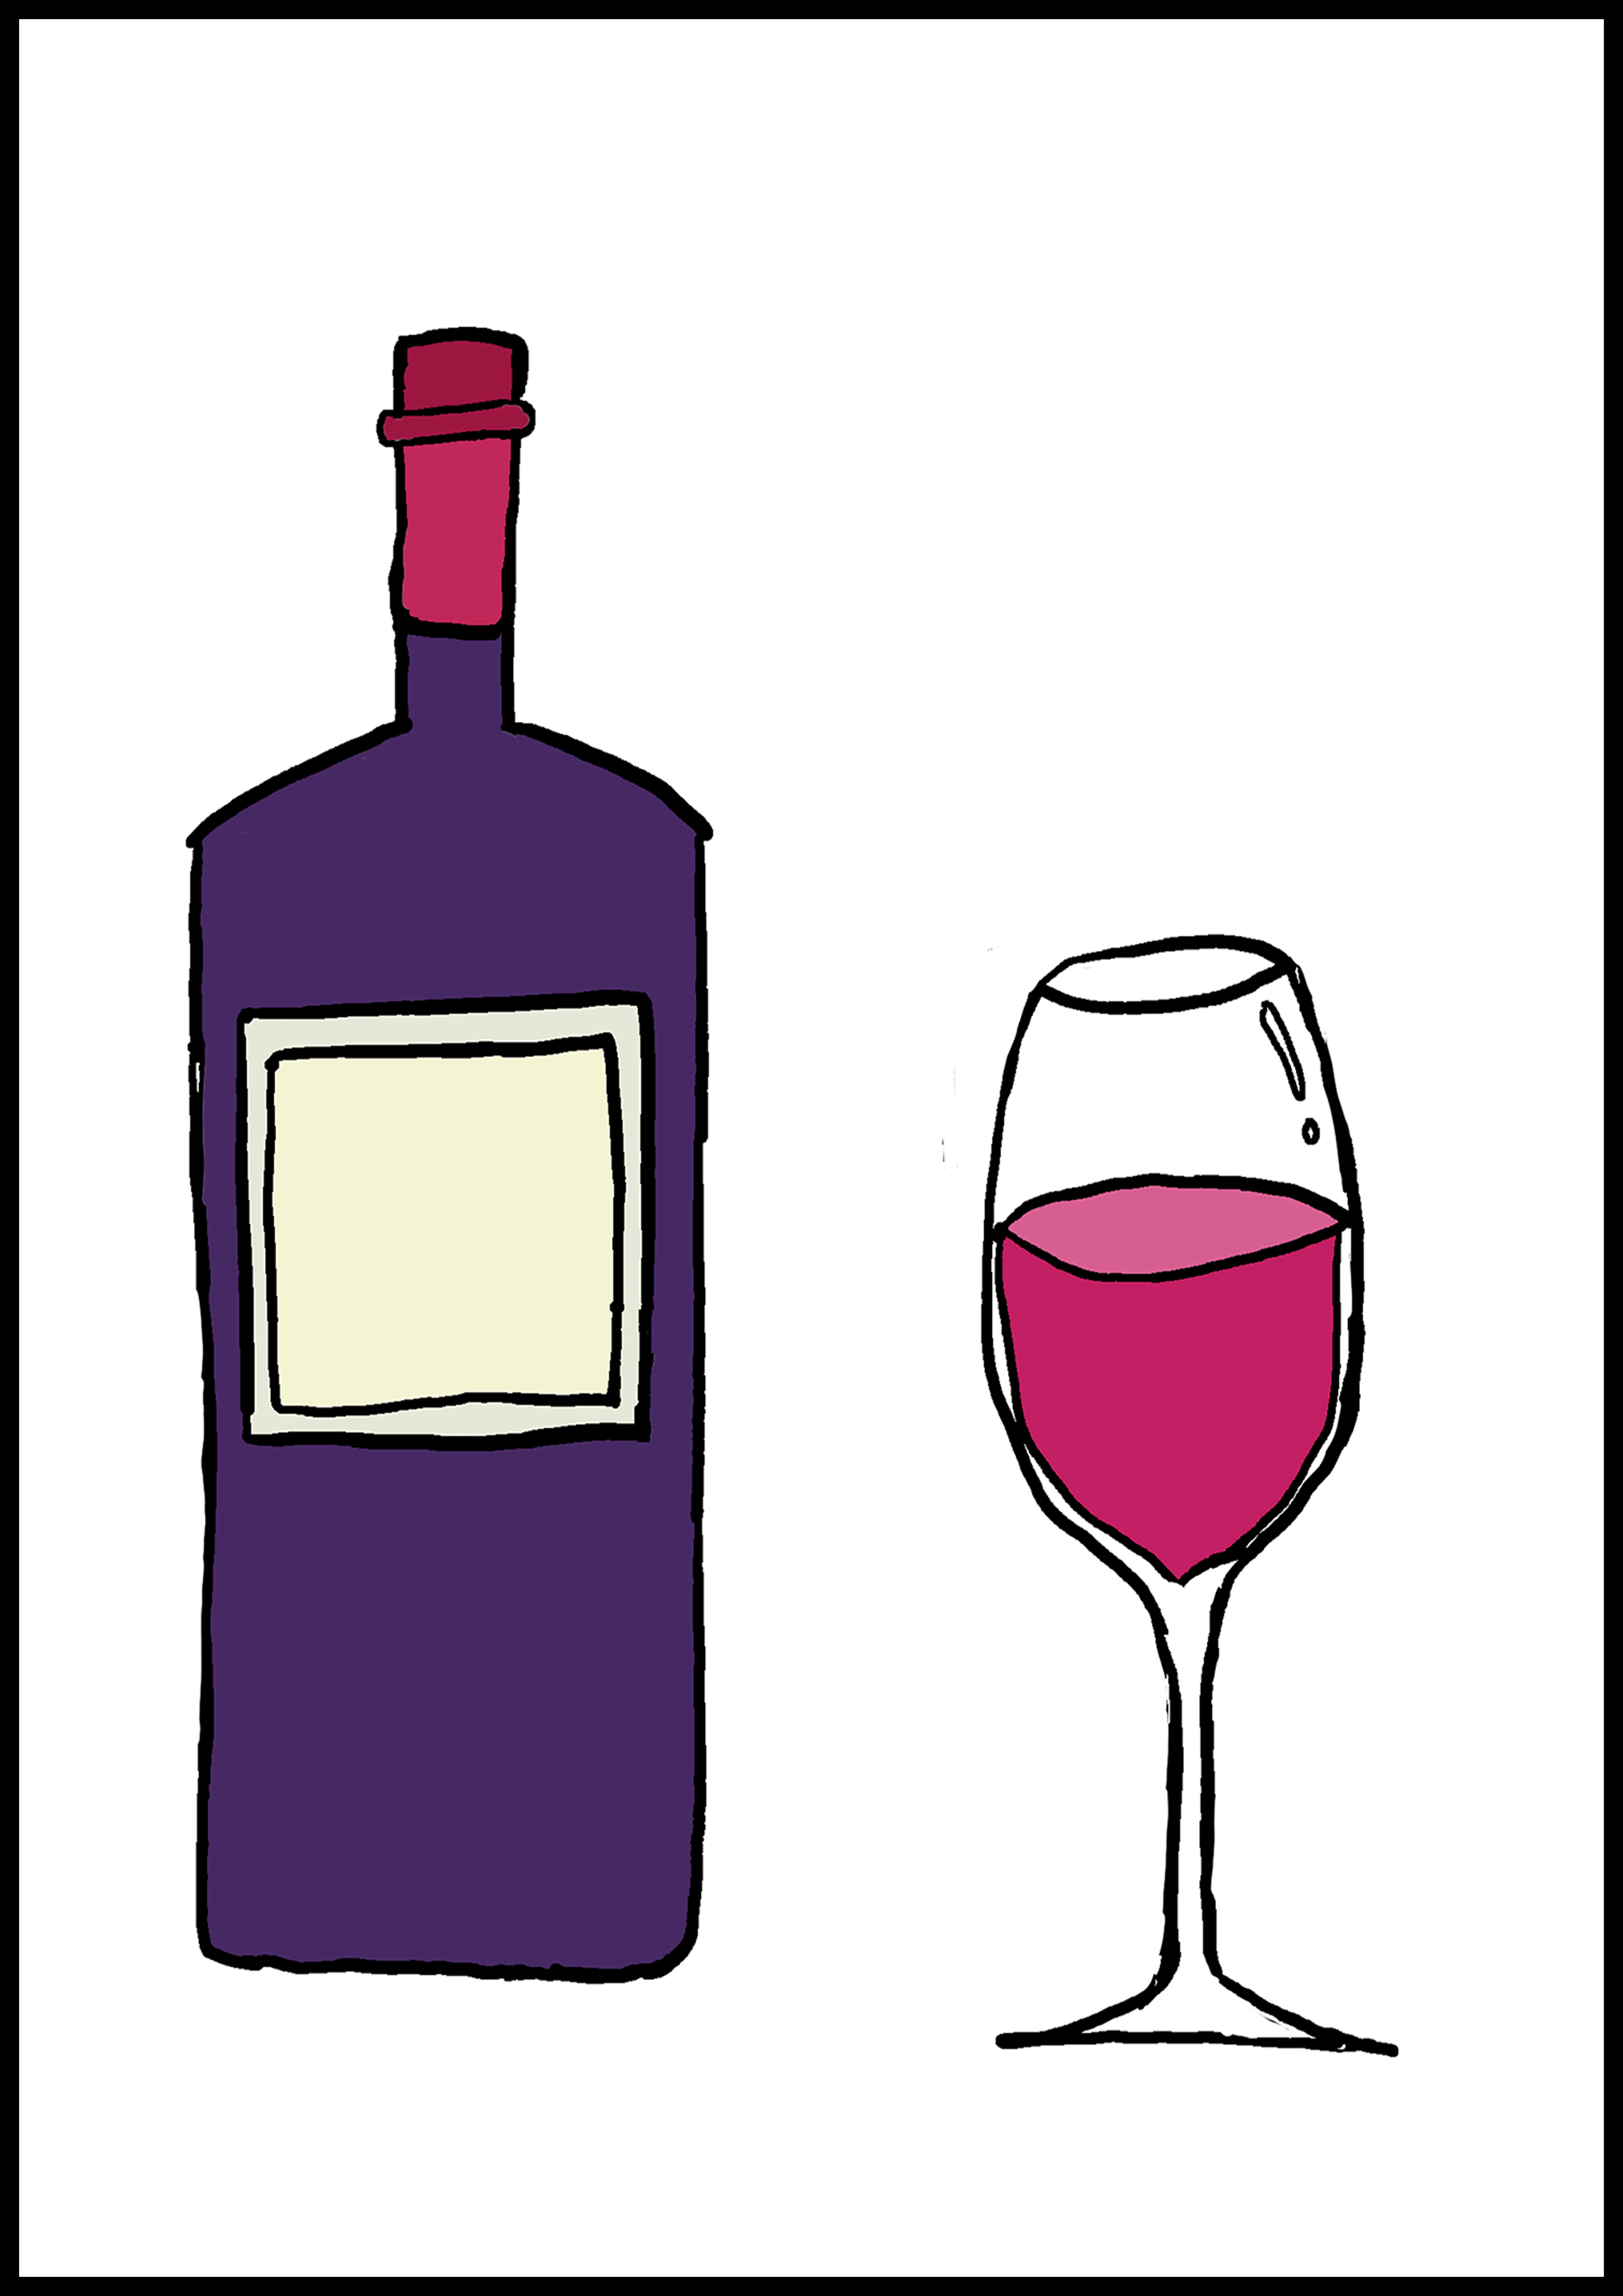 カルタイラスト【ワイン】